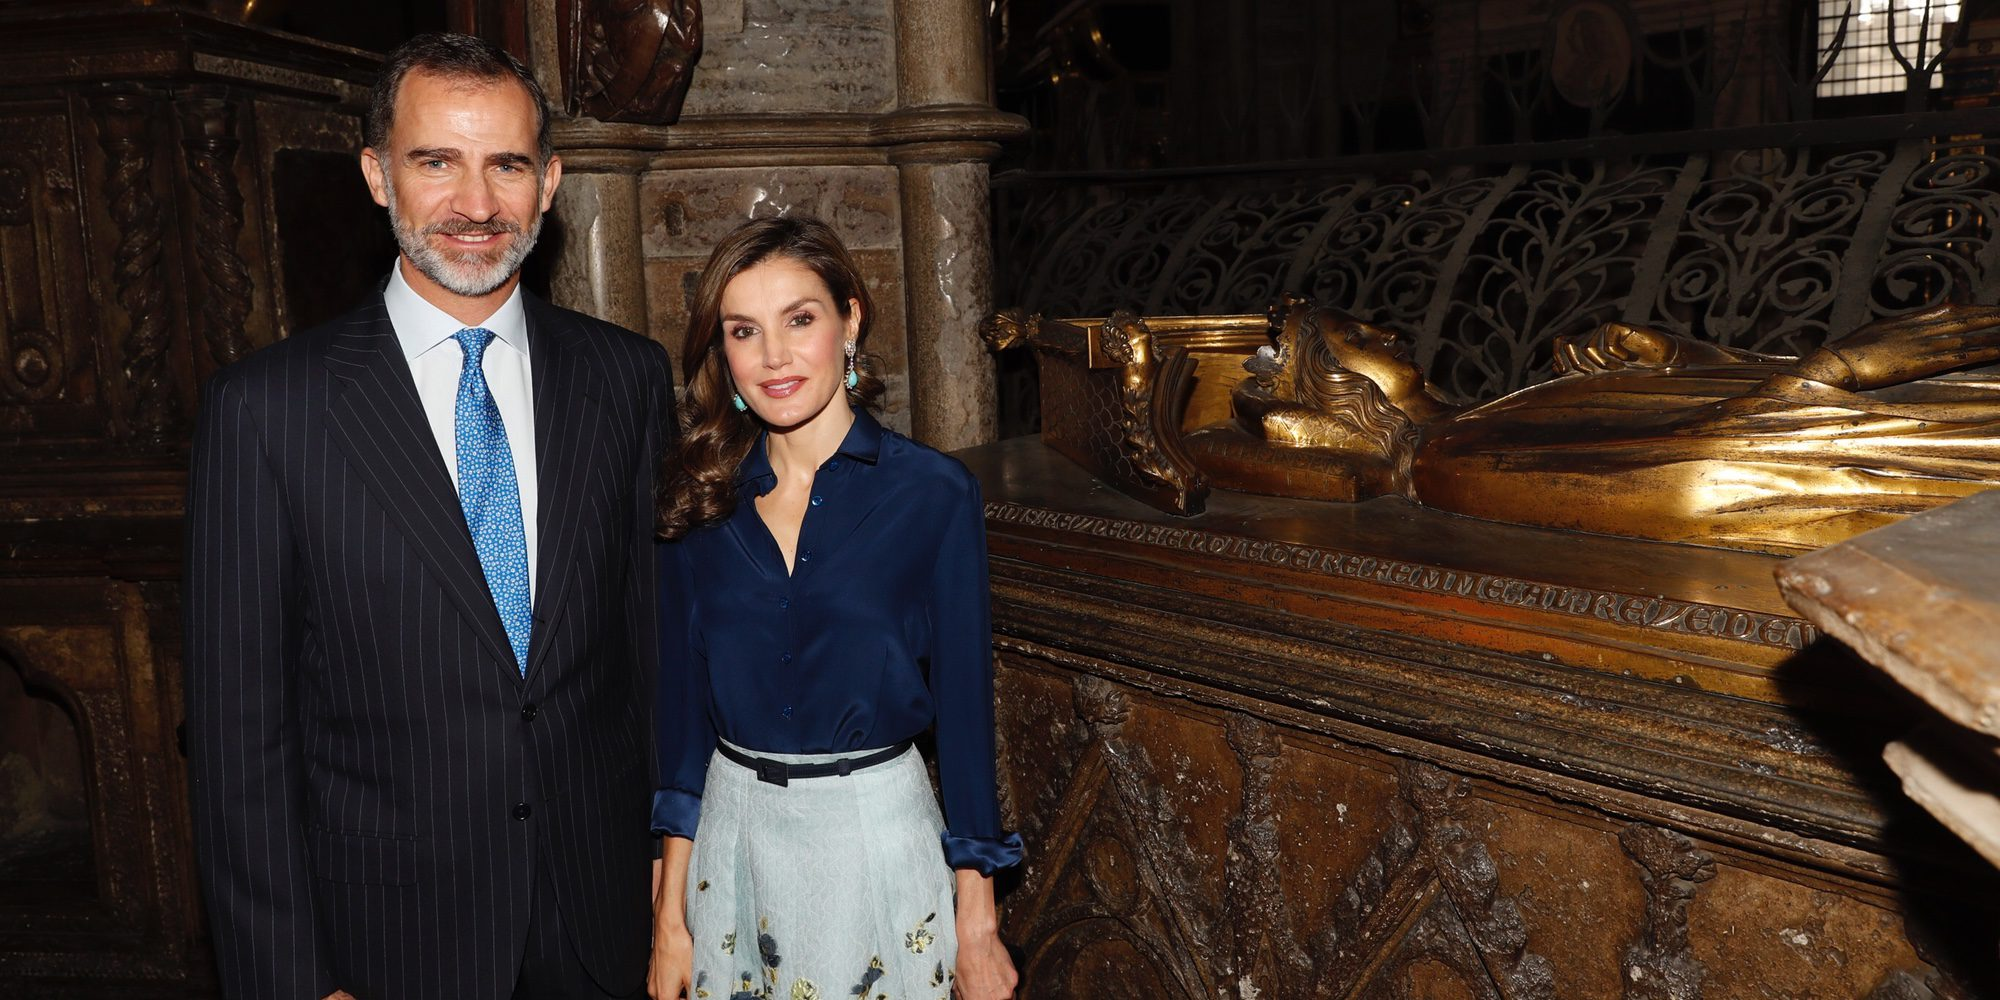 Los Reyes Felipe y Letizia 'recuerdan' a la Princesa Leonor en su visita a la Abadía de Westminster con el Príncipe Harry